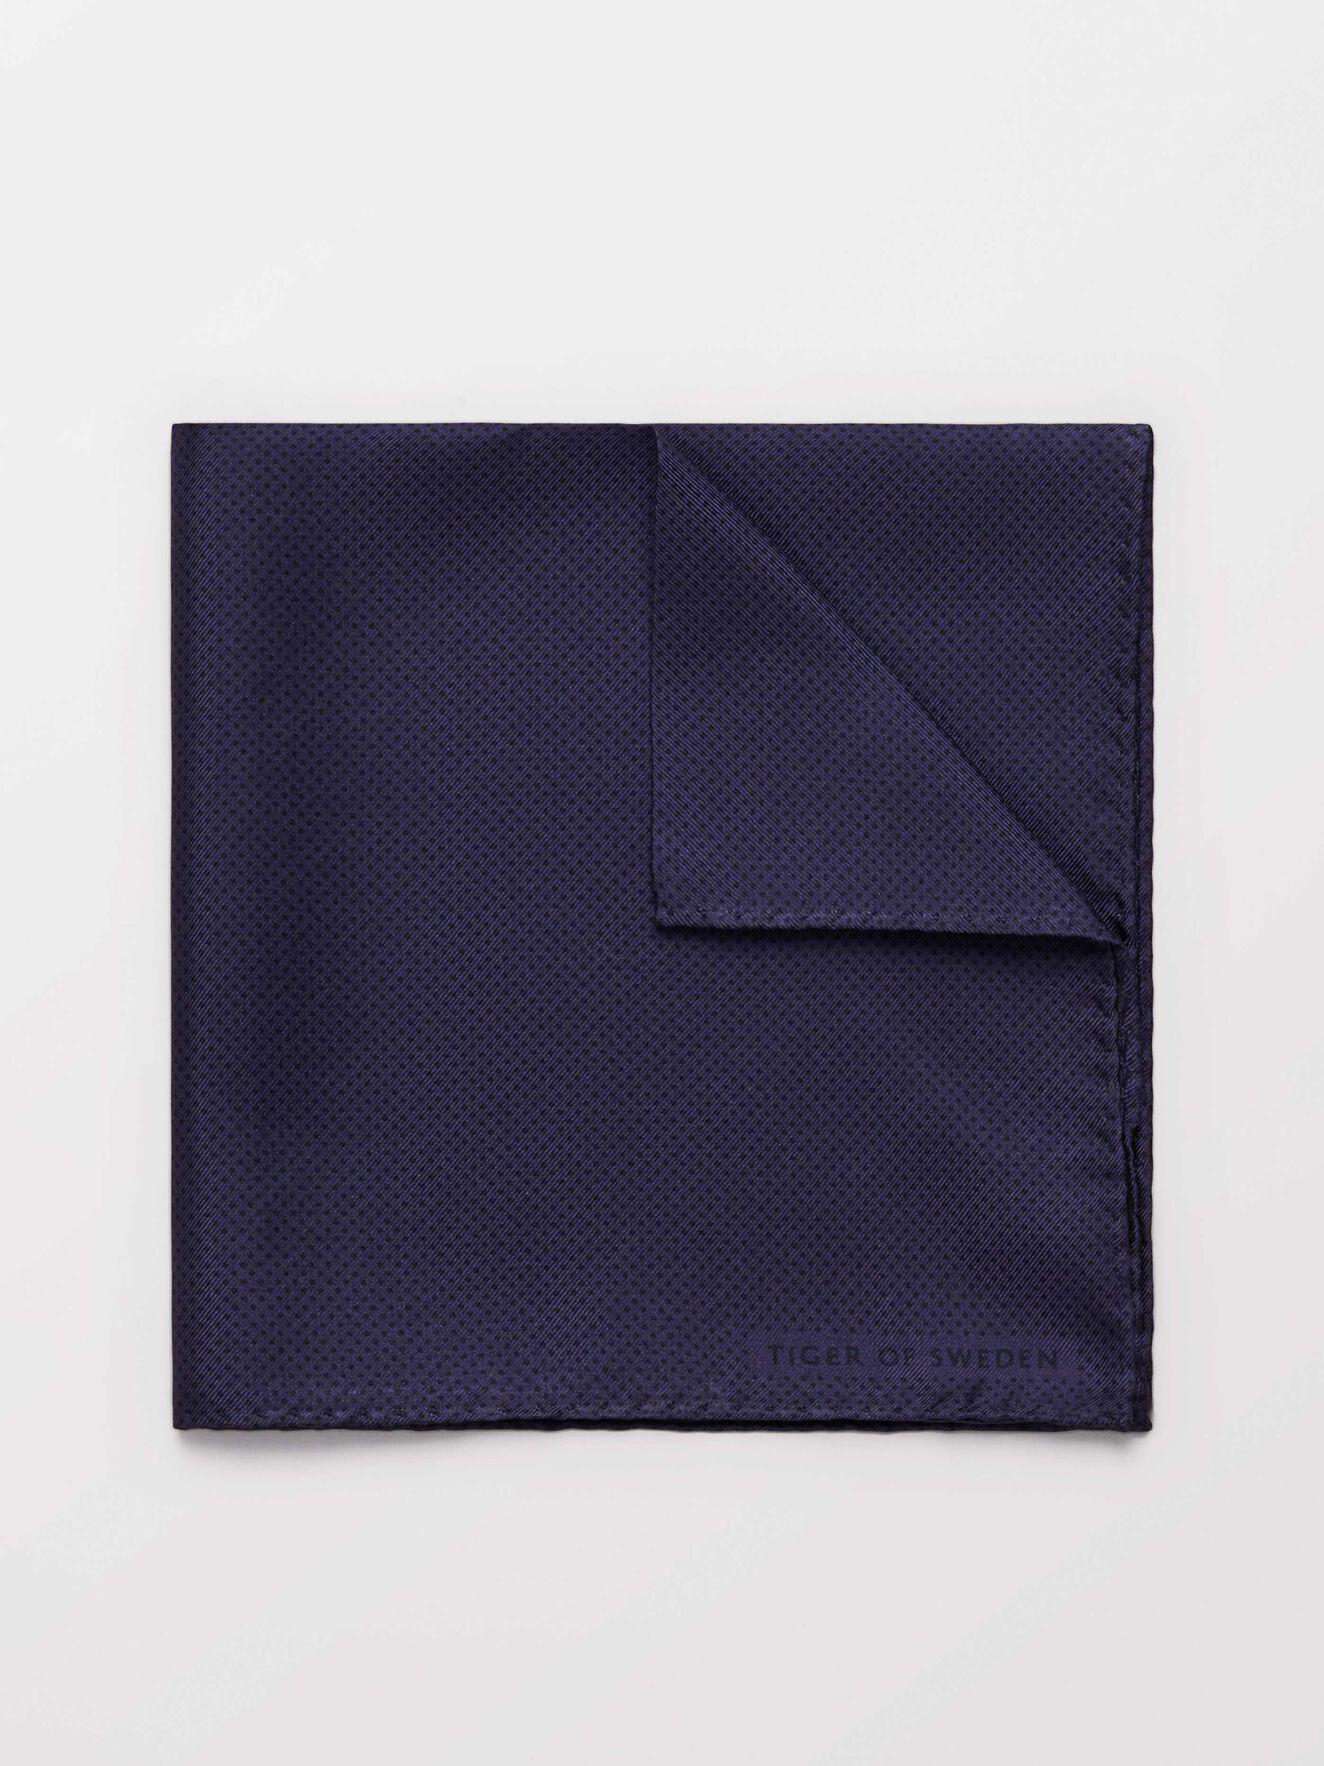 Peia Handkerchief in Deep Purple from Tiger of Sweden